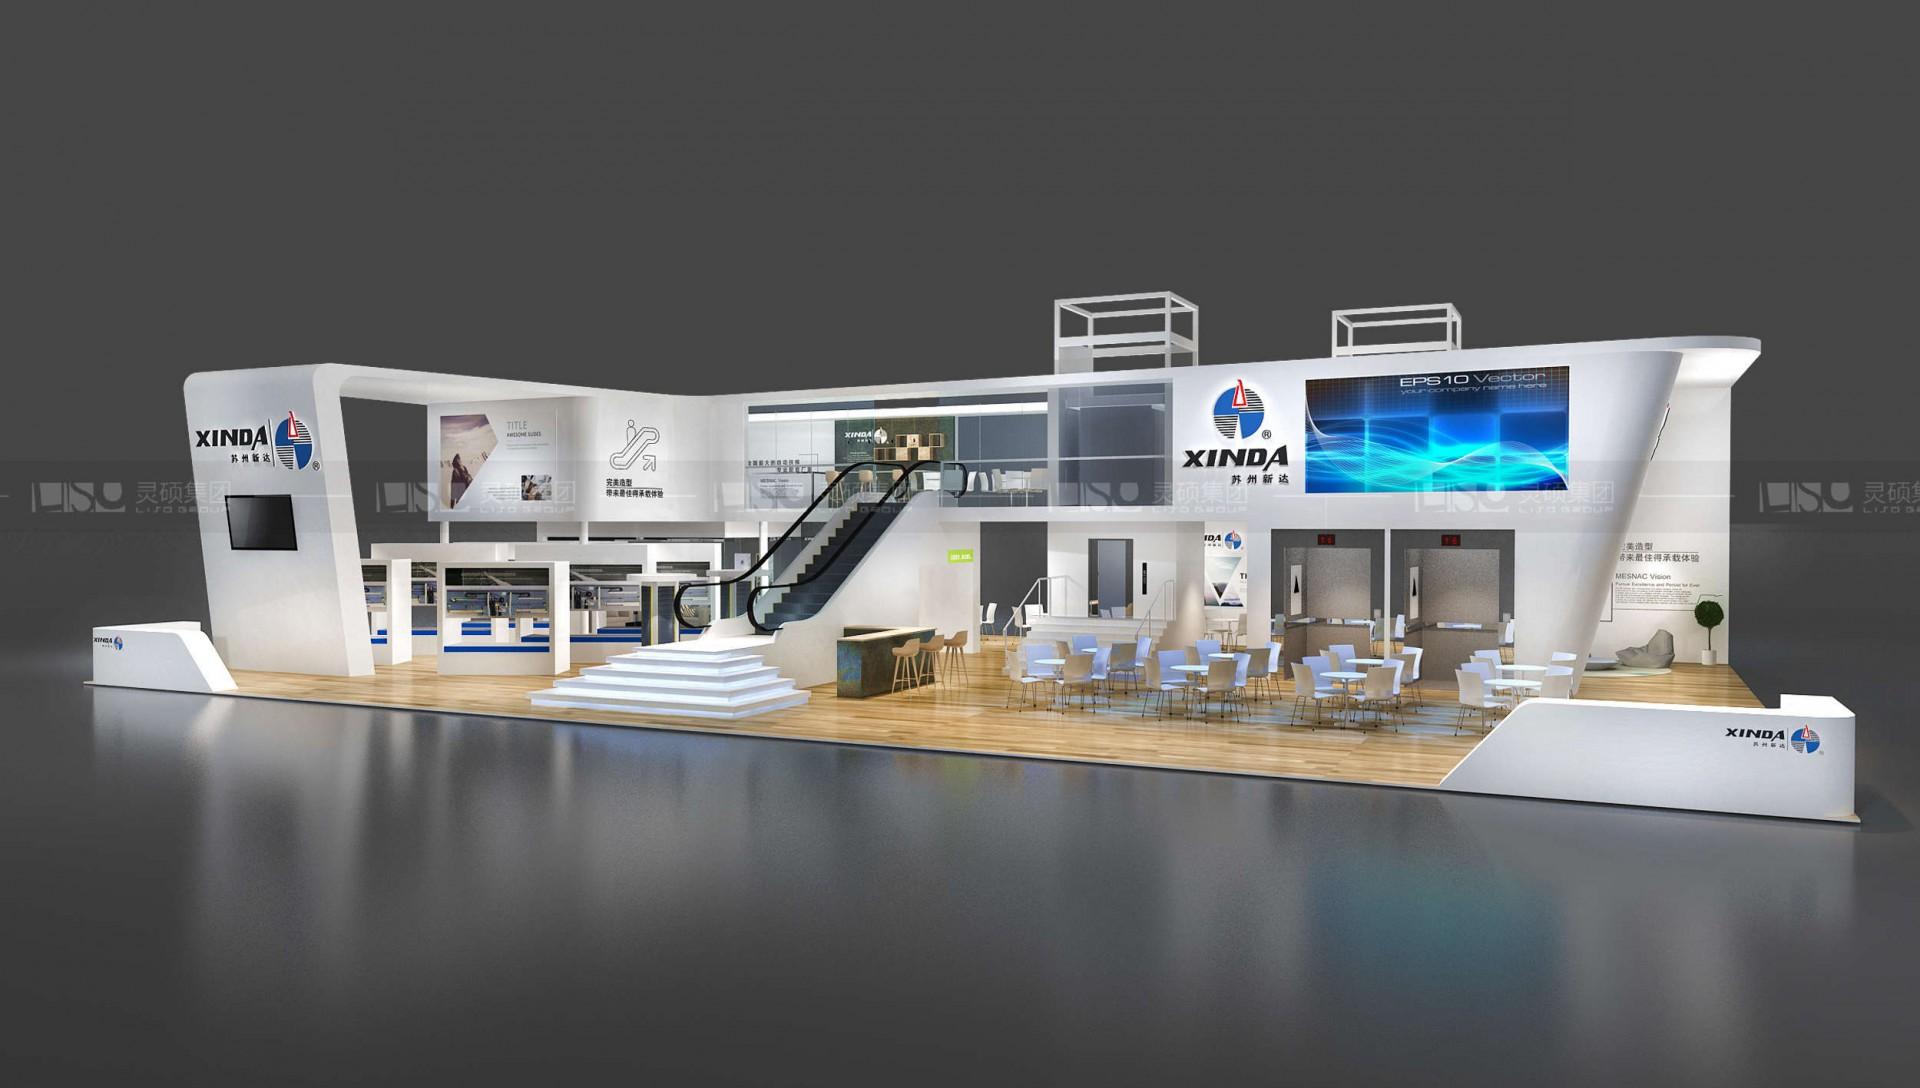 新达-电梯展展台设计案例